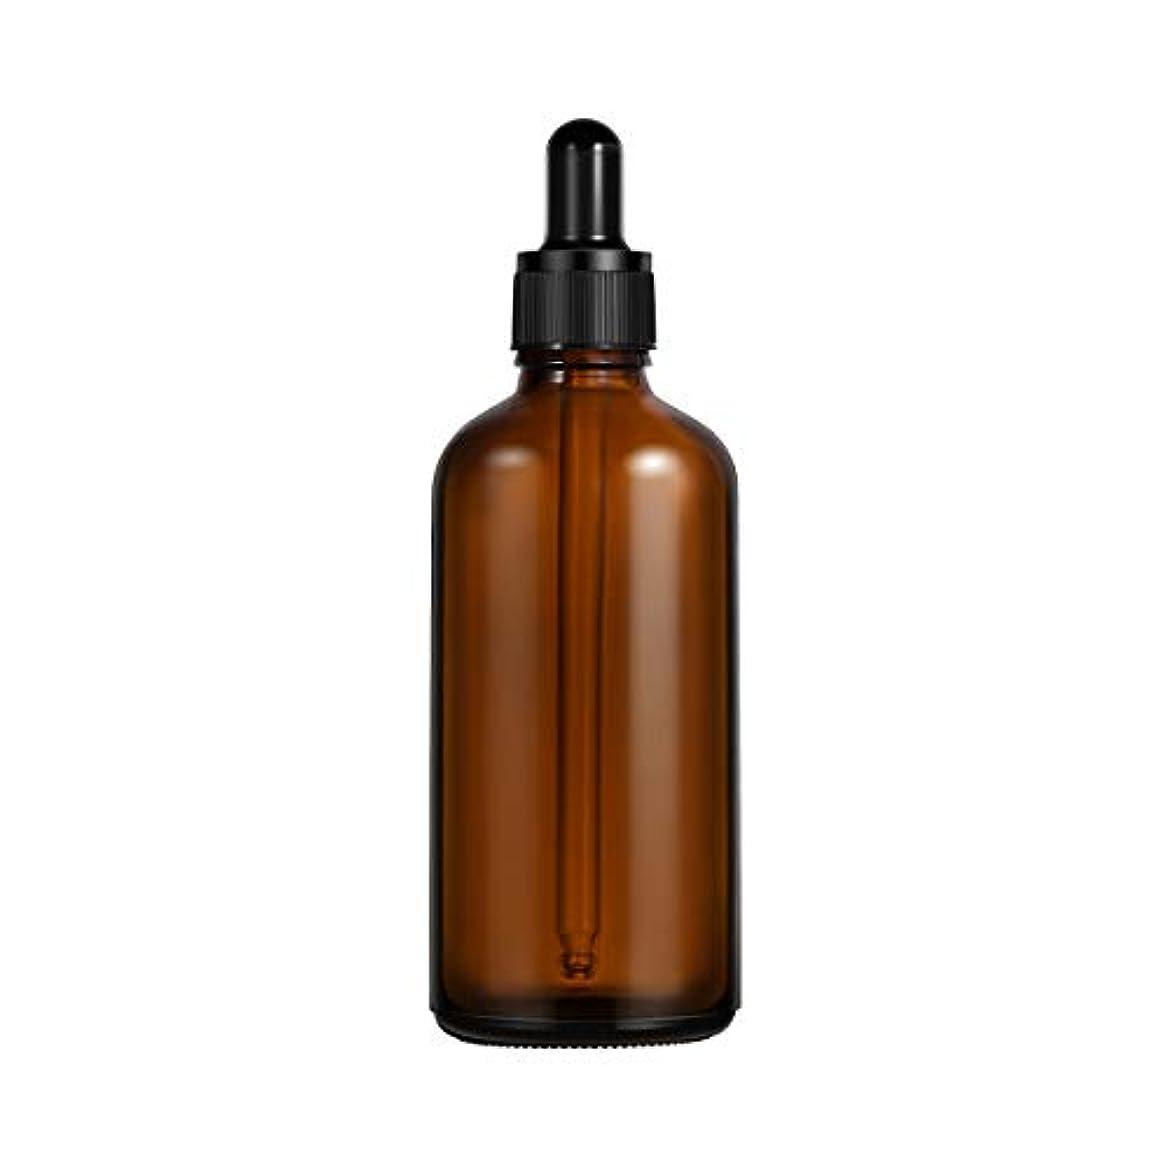 特に形容詞礼拝Frcolor 遮光瓶 スポイト遮光瓶 100ml スポイト付き ガラス製 アロマボトル 保存容器 エッセンシャルオイル 香水 保存/詰替え 2本入(茶色)